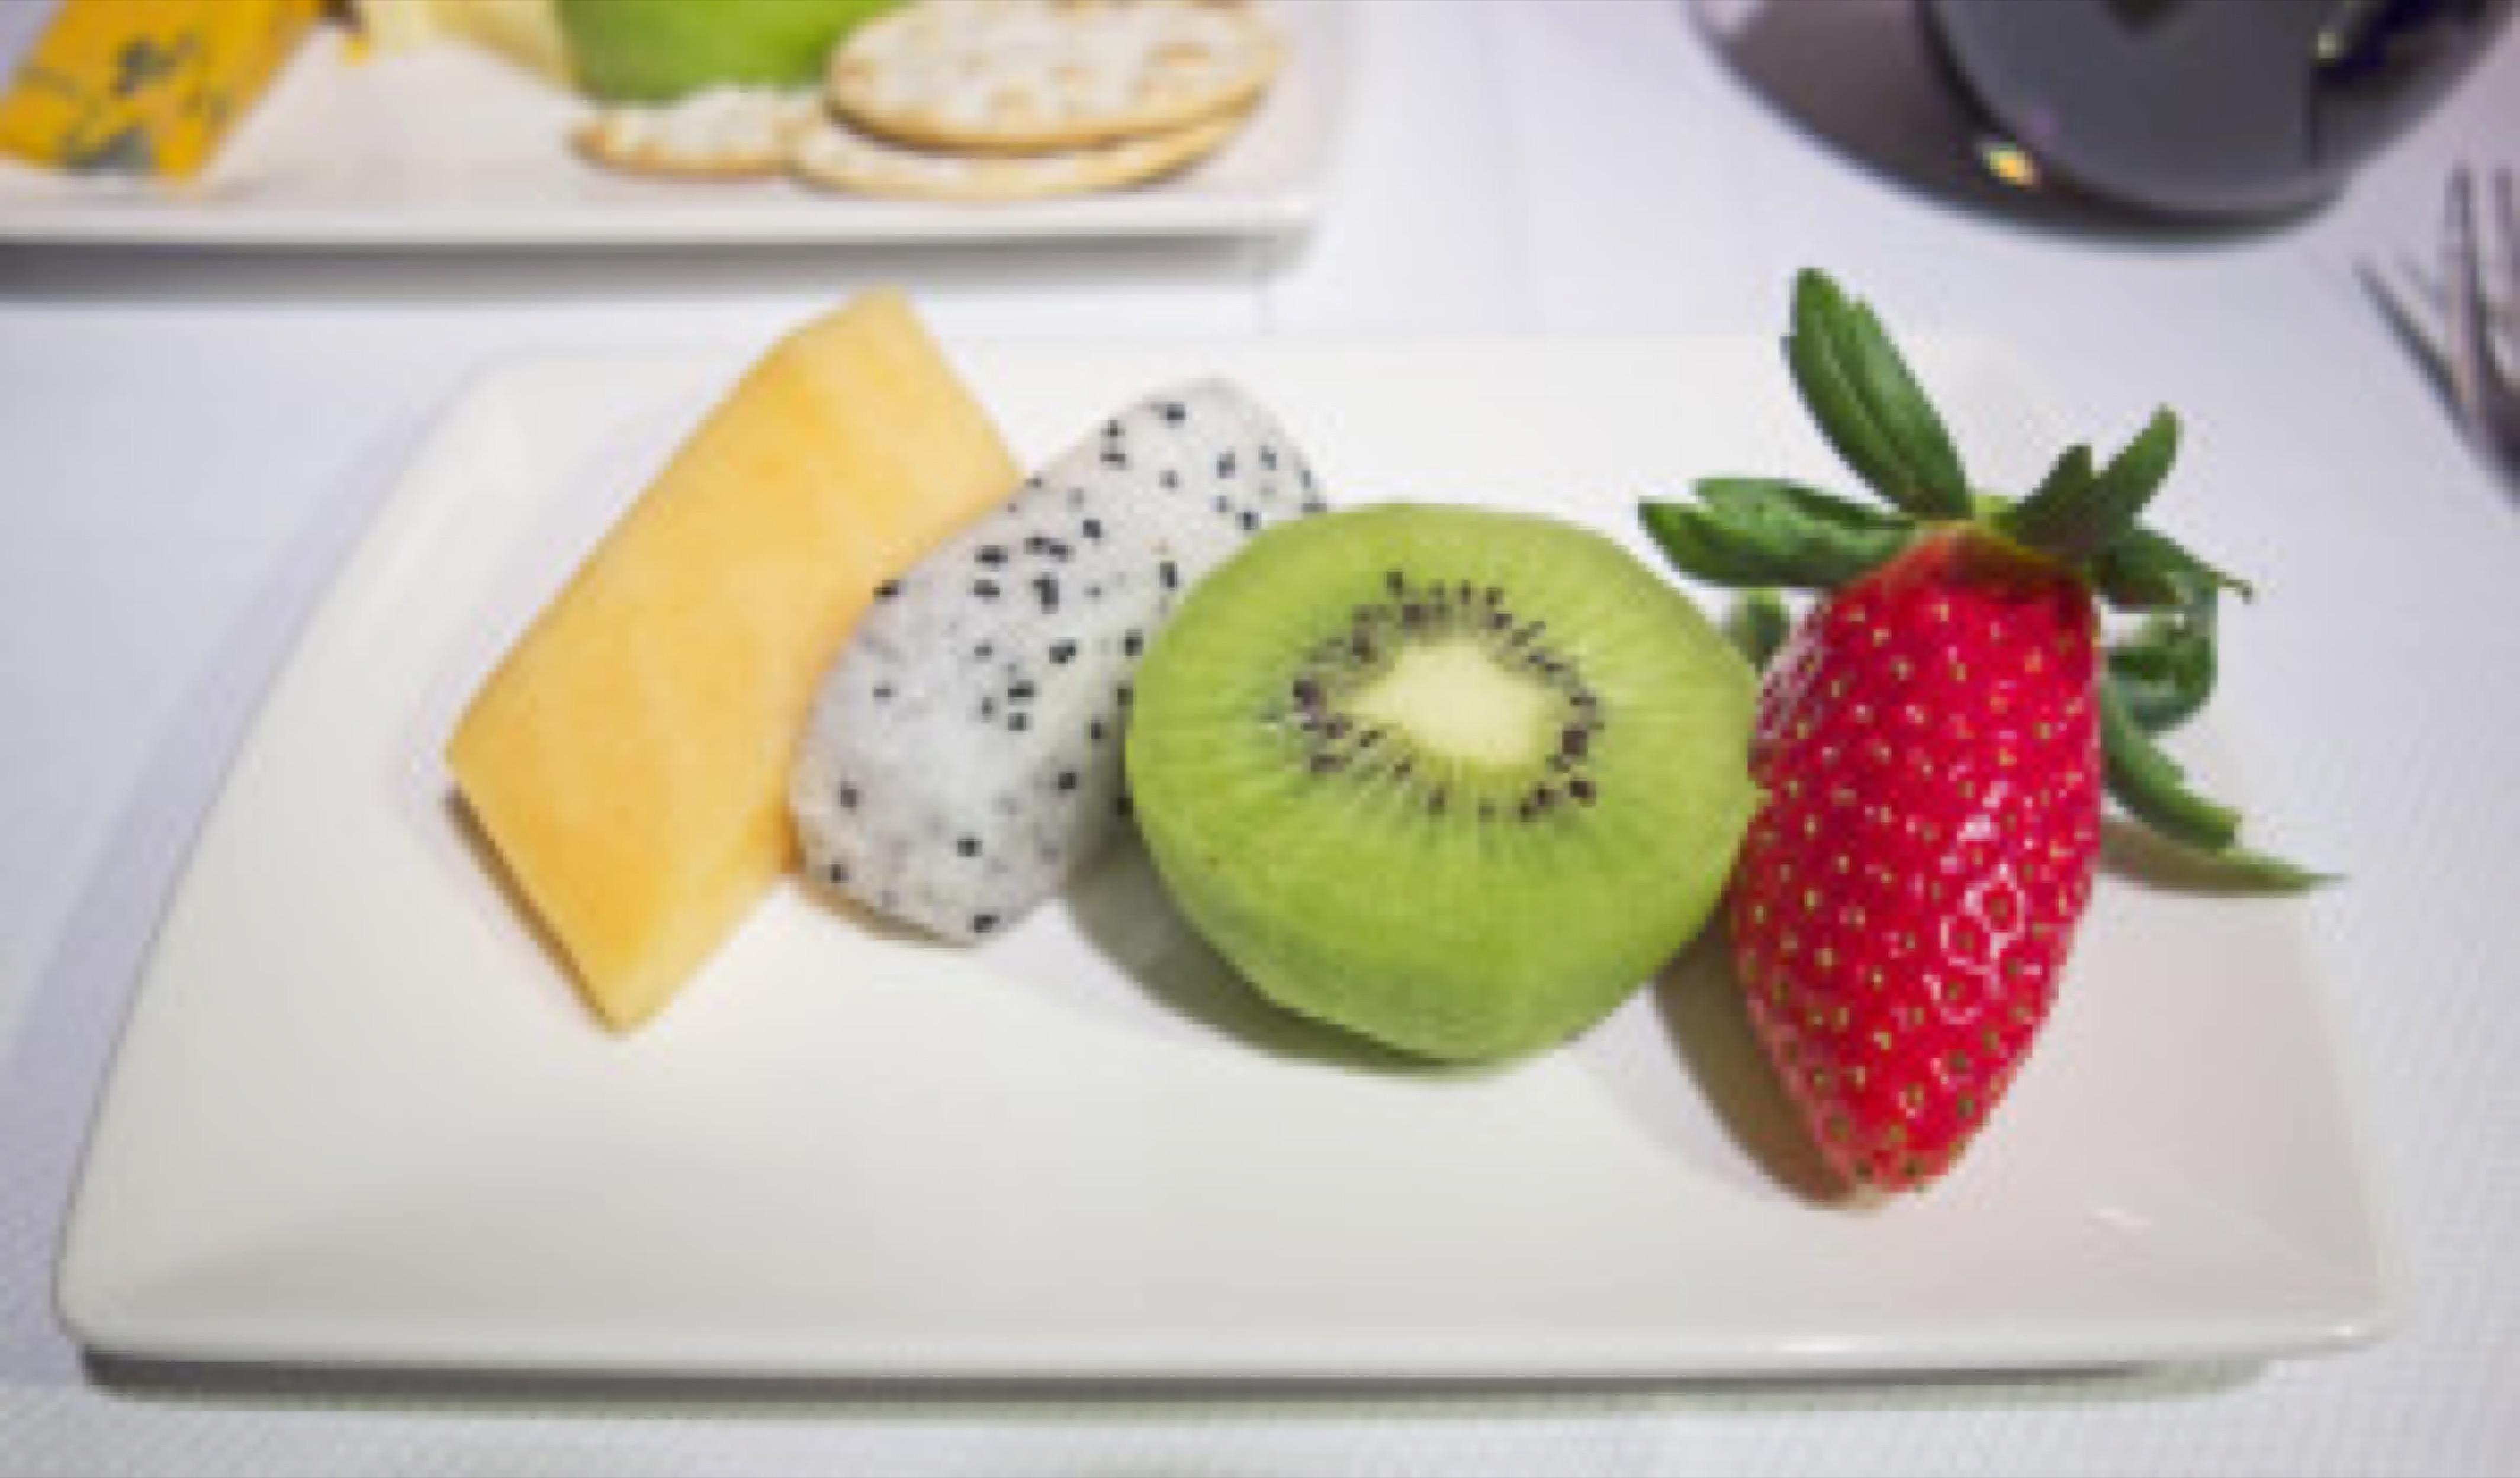 Luxury sliced fruit plate